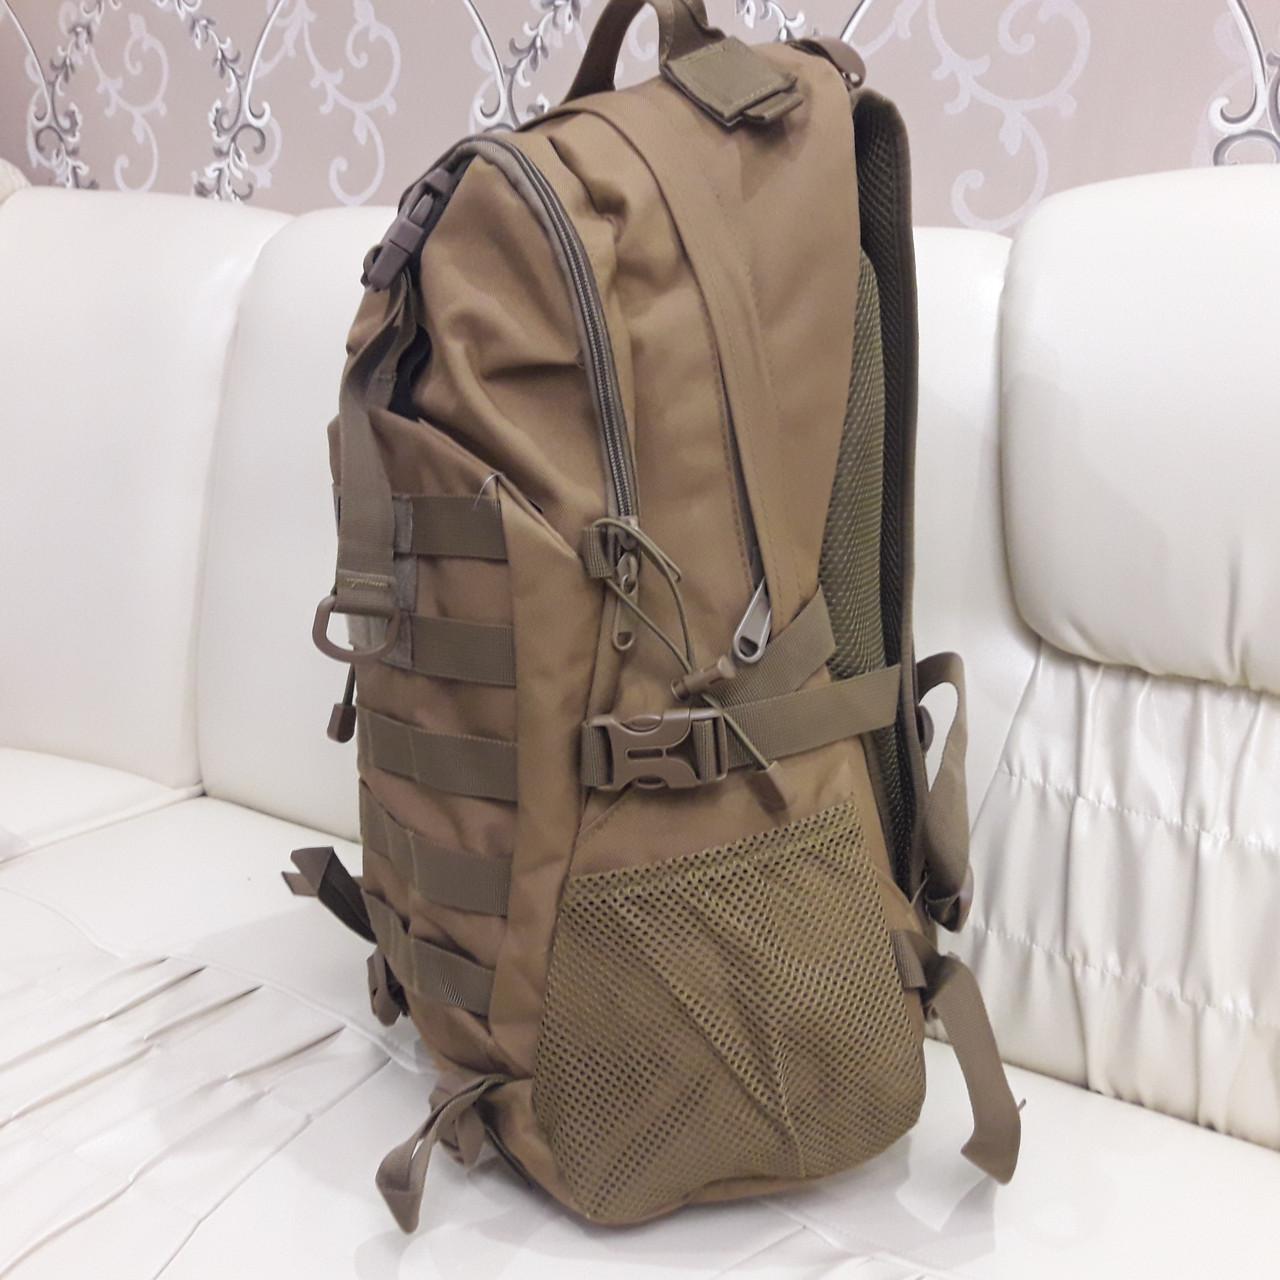 Армейский рюкзак Silver Knight 40 литров мужской койот военный солдатский